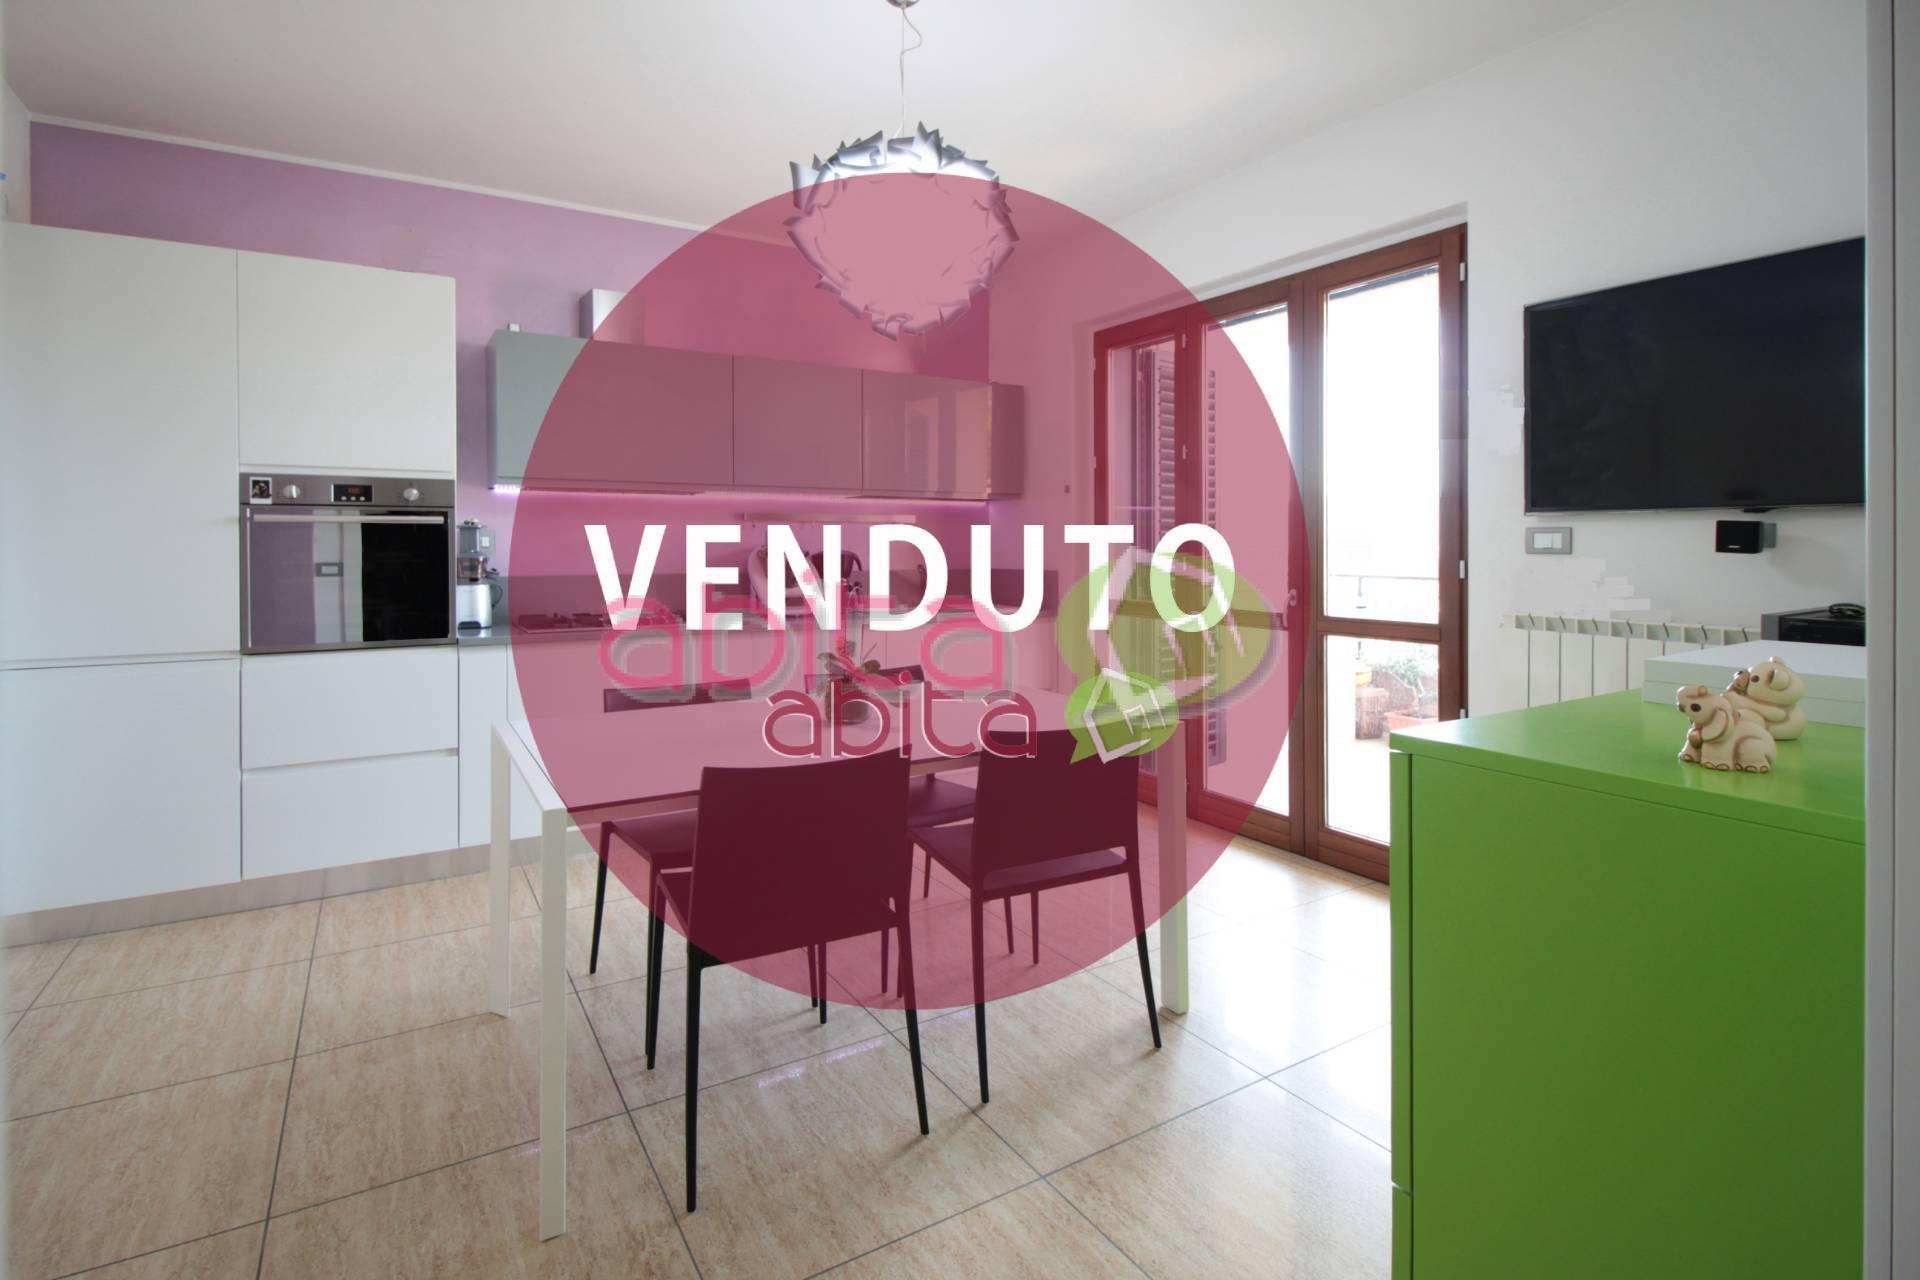 Appartamento in vendita a Spinetoli, 3 locali, zona Località: SanPioX, prezzo € 95.000 | CambioCasa.it